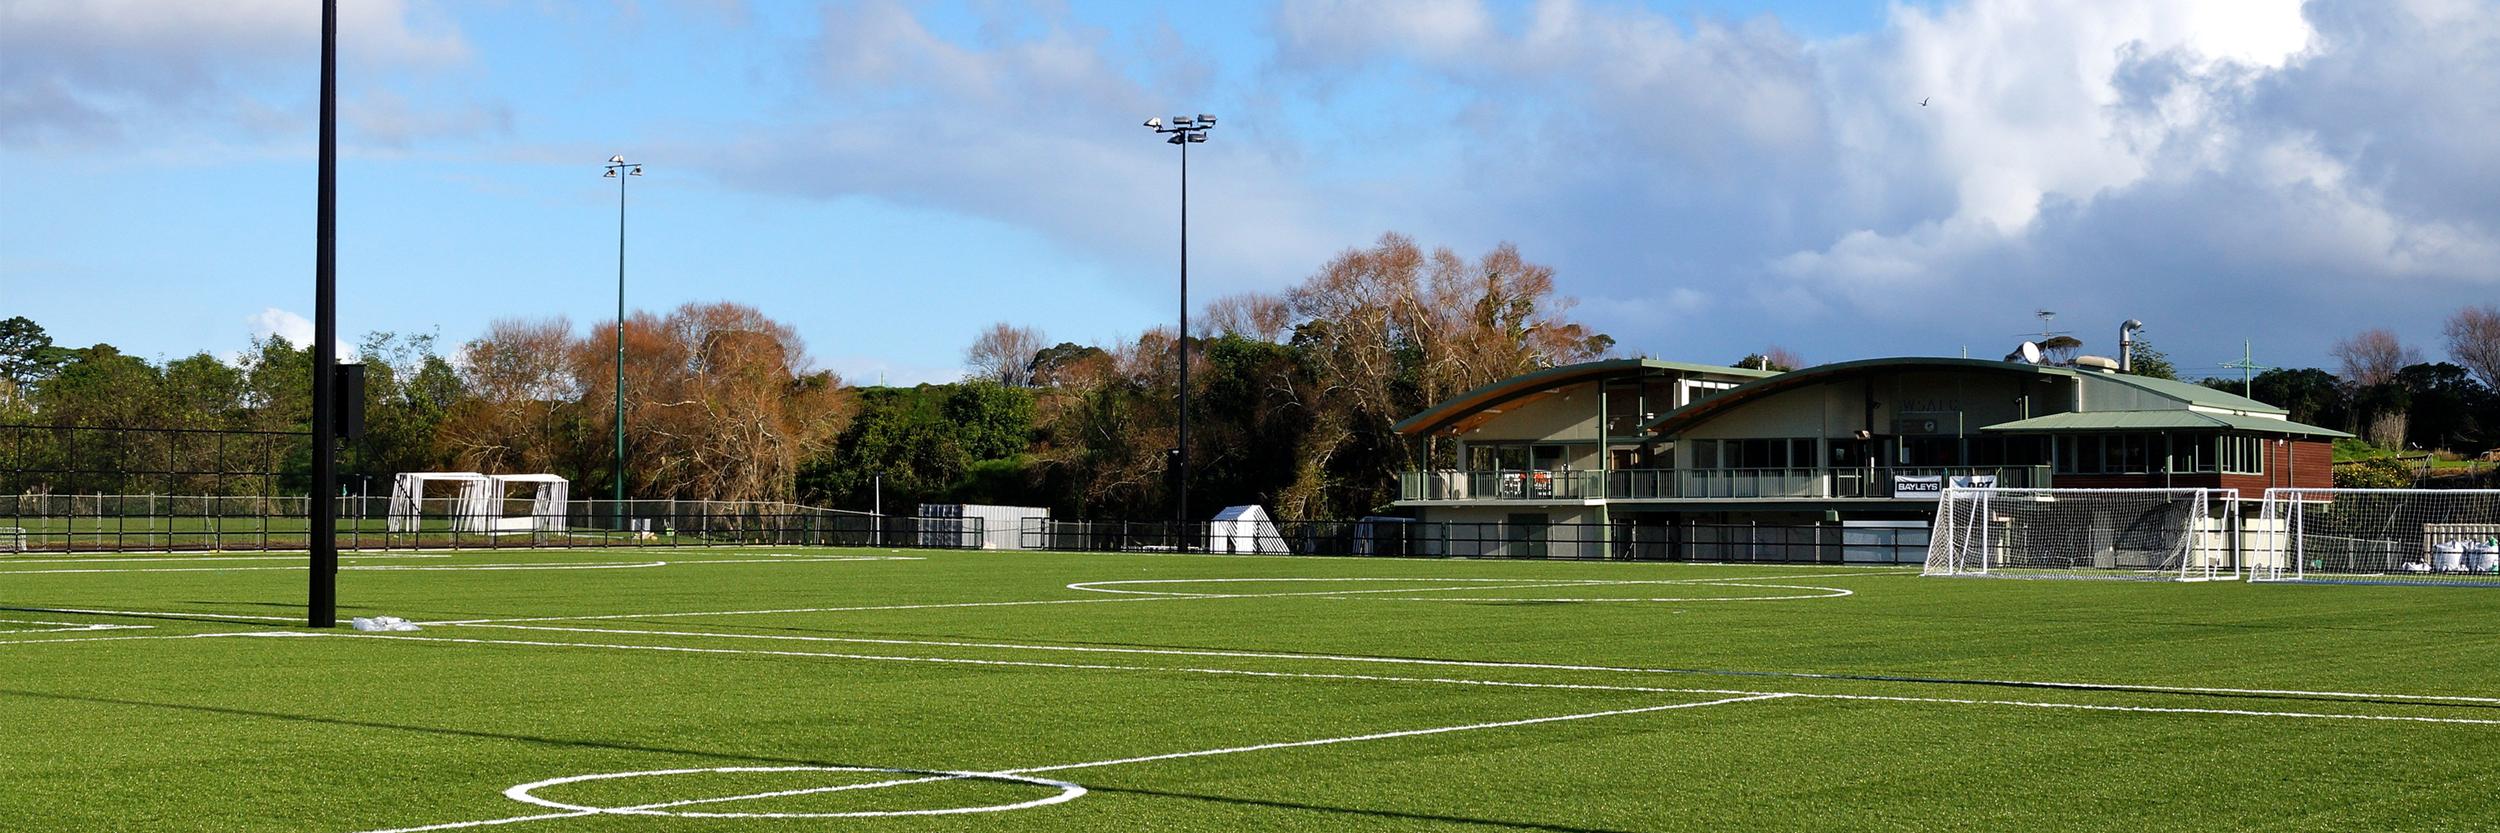 Seddon Fields -